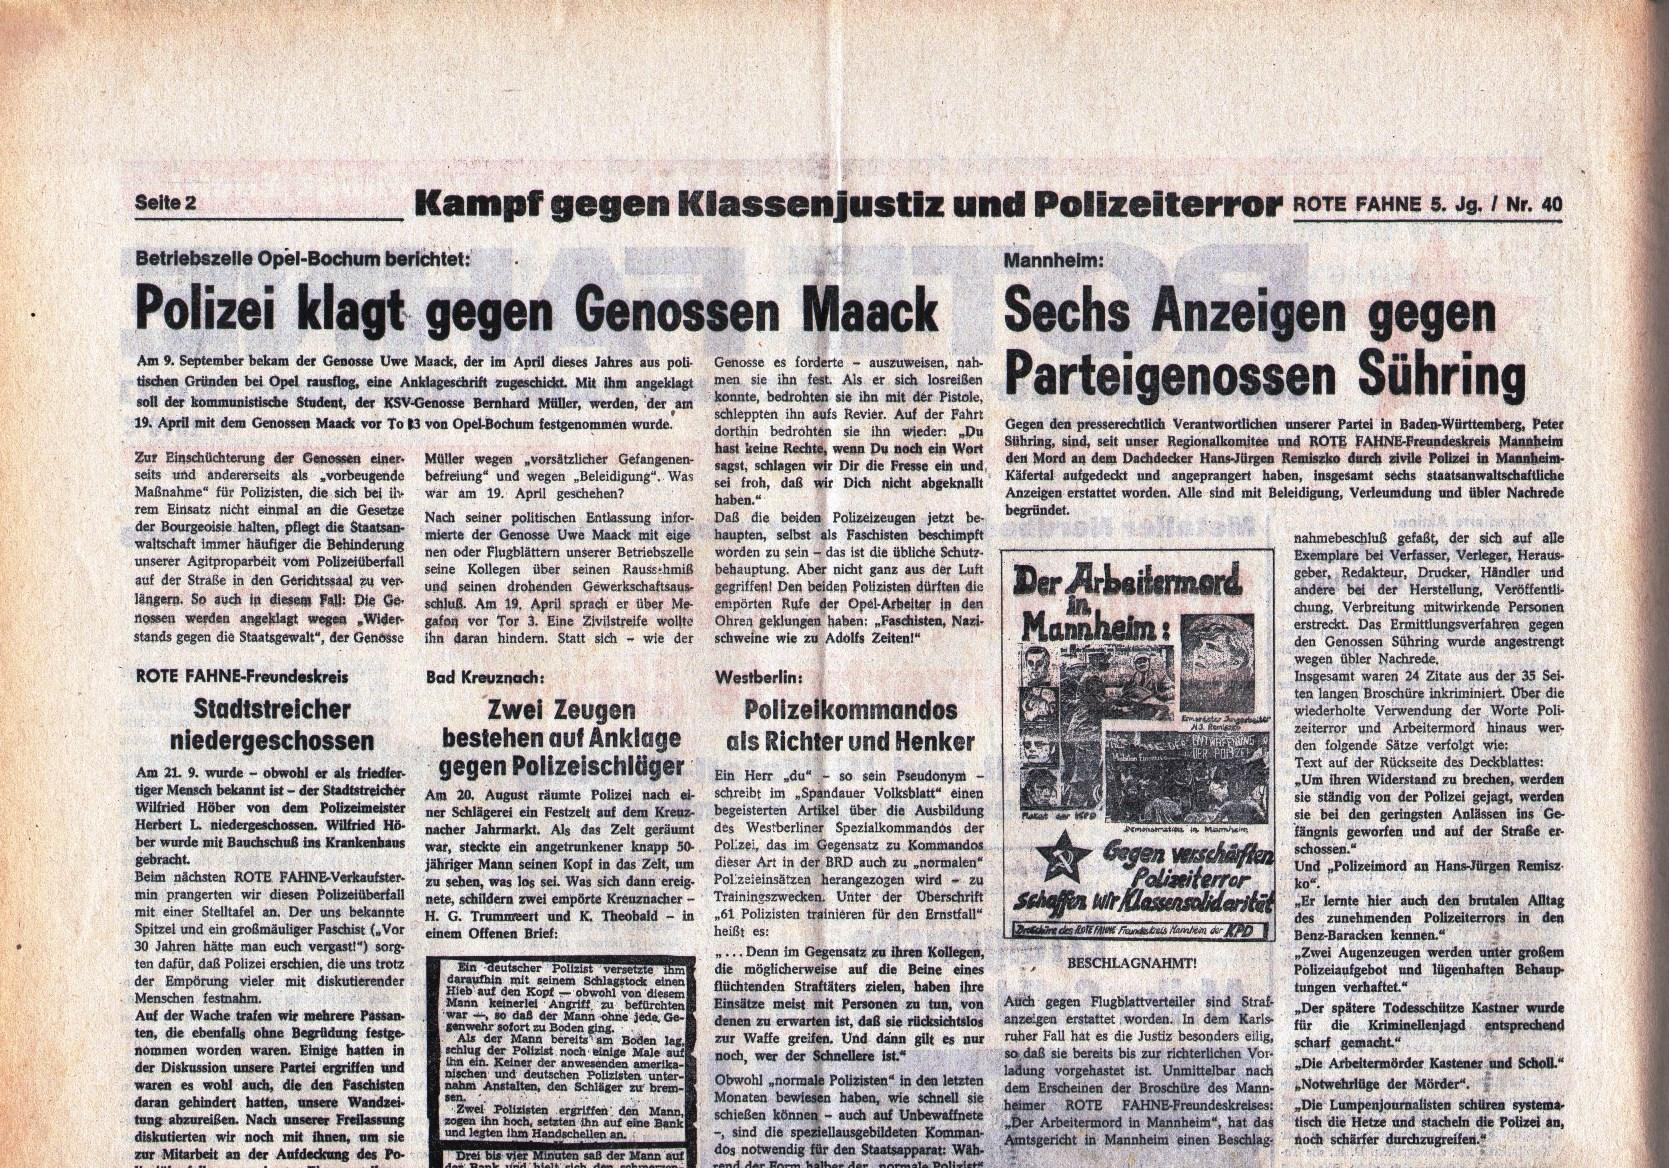 KPD_Rote_Fahne_1974_40_03